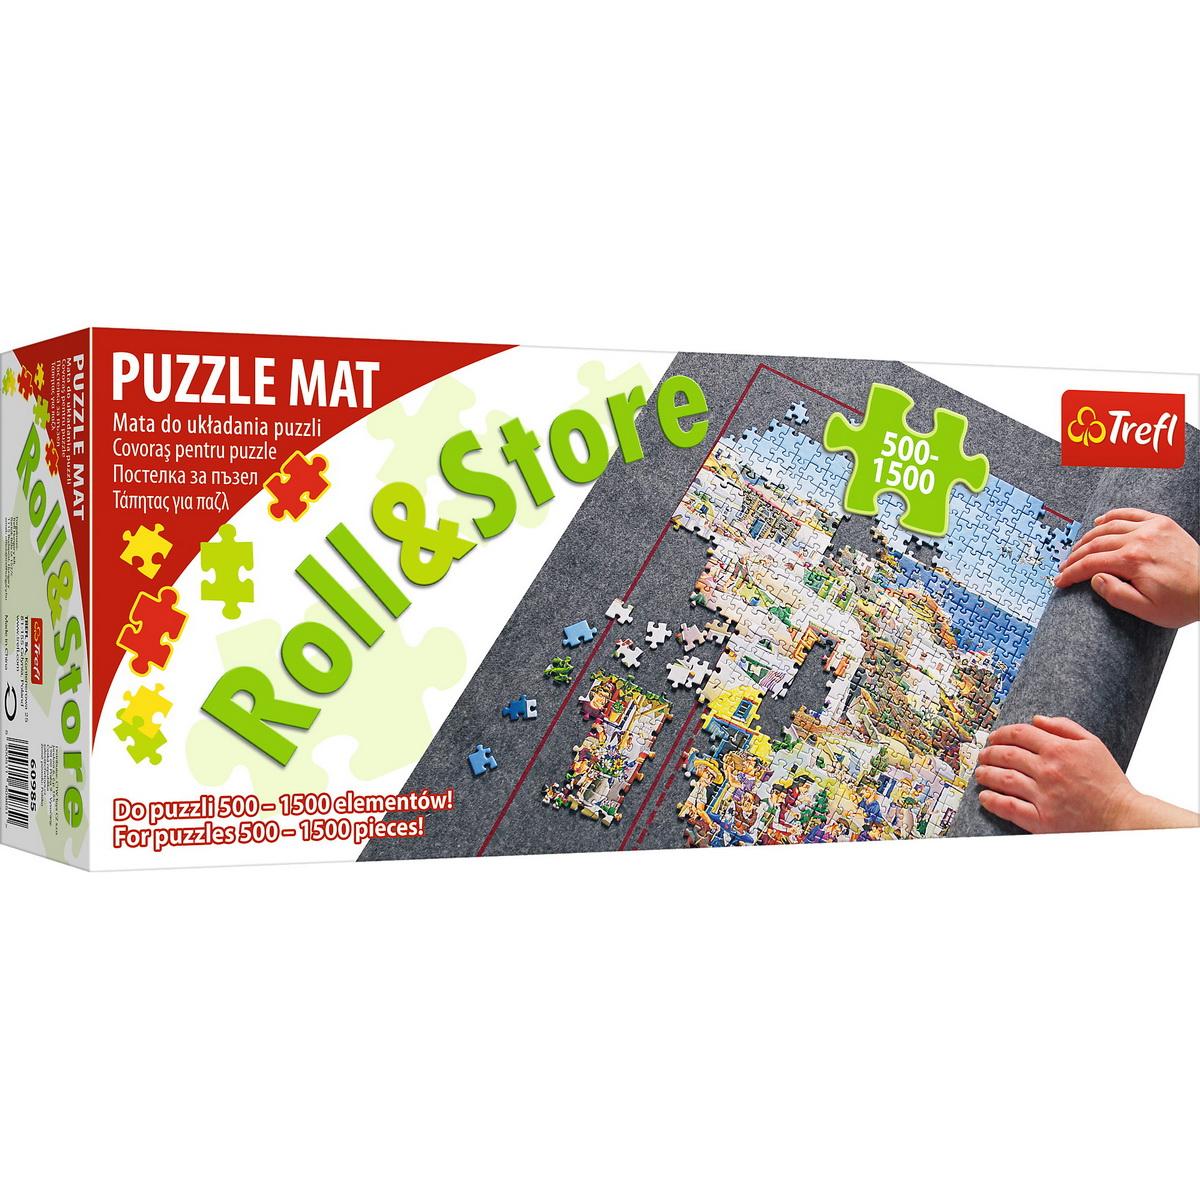 Covoras Pentru Rulat Puzzle-uri Intre 500 Si 1500 Piese